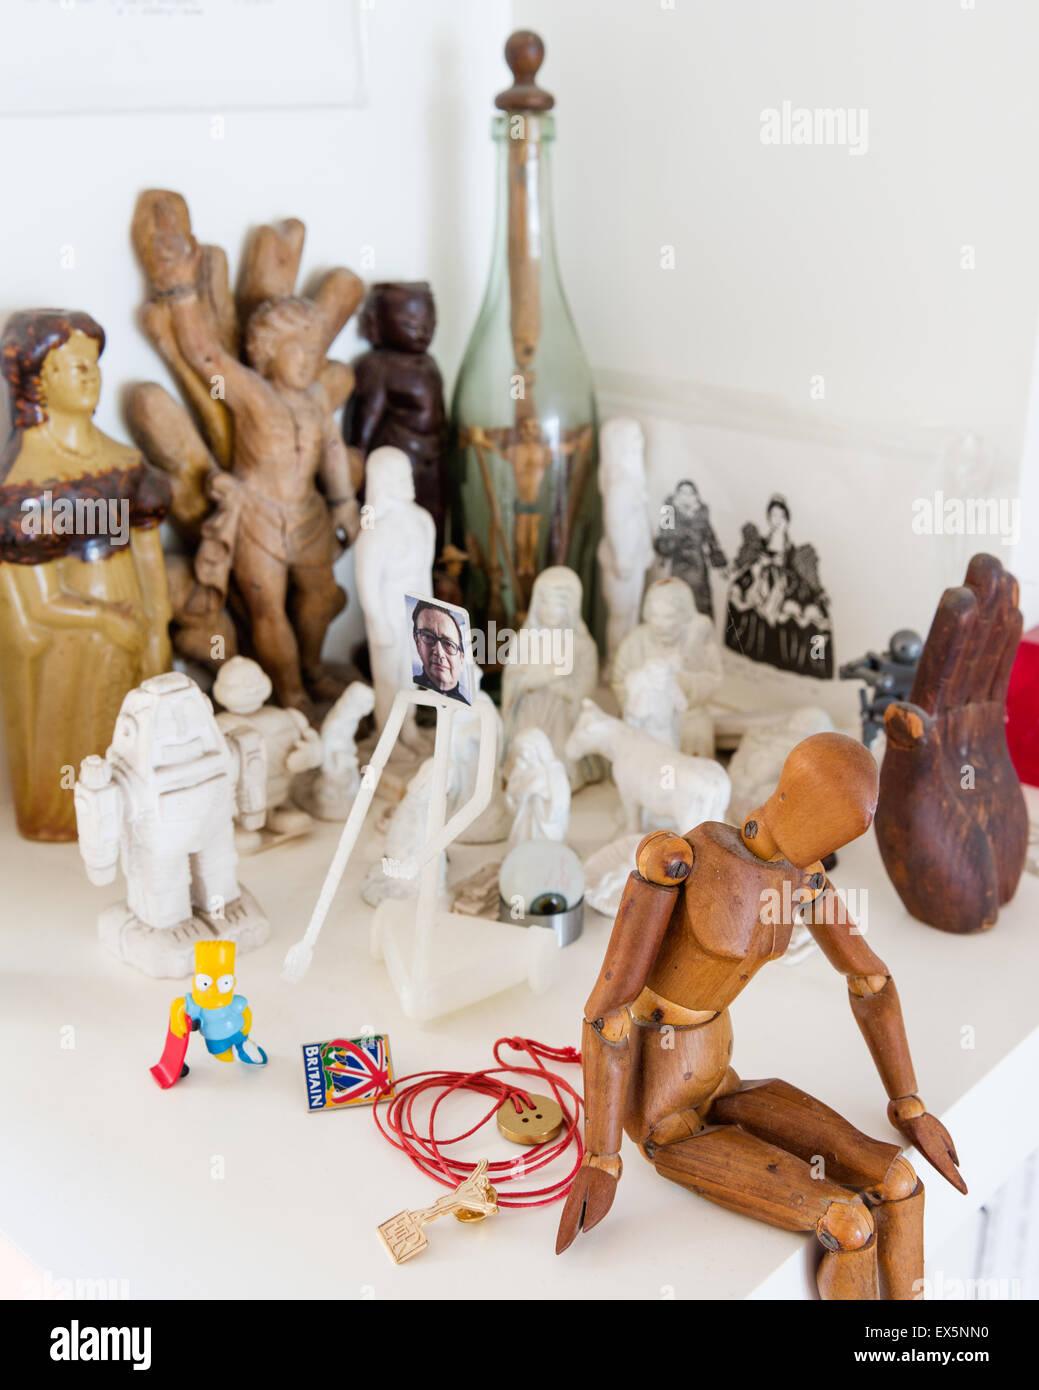 Künstler aus Holz Puppe umgeben von kleinen geformten Figuren Stockbild